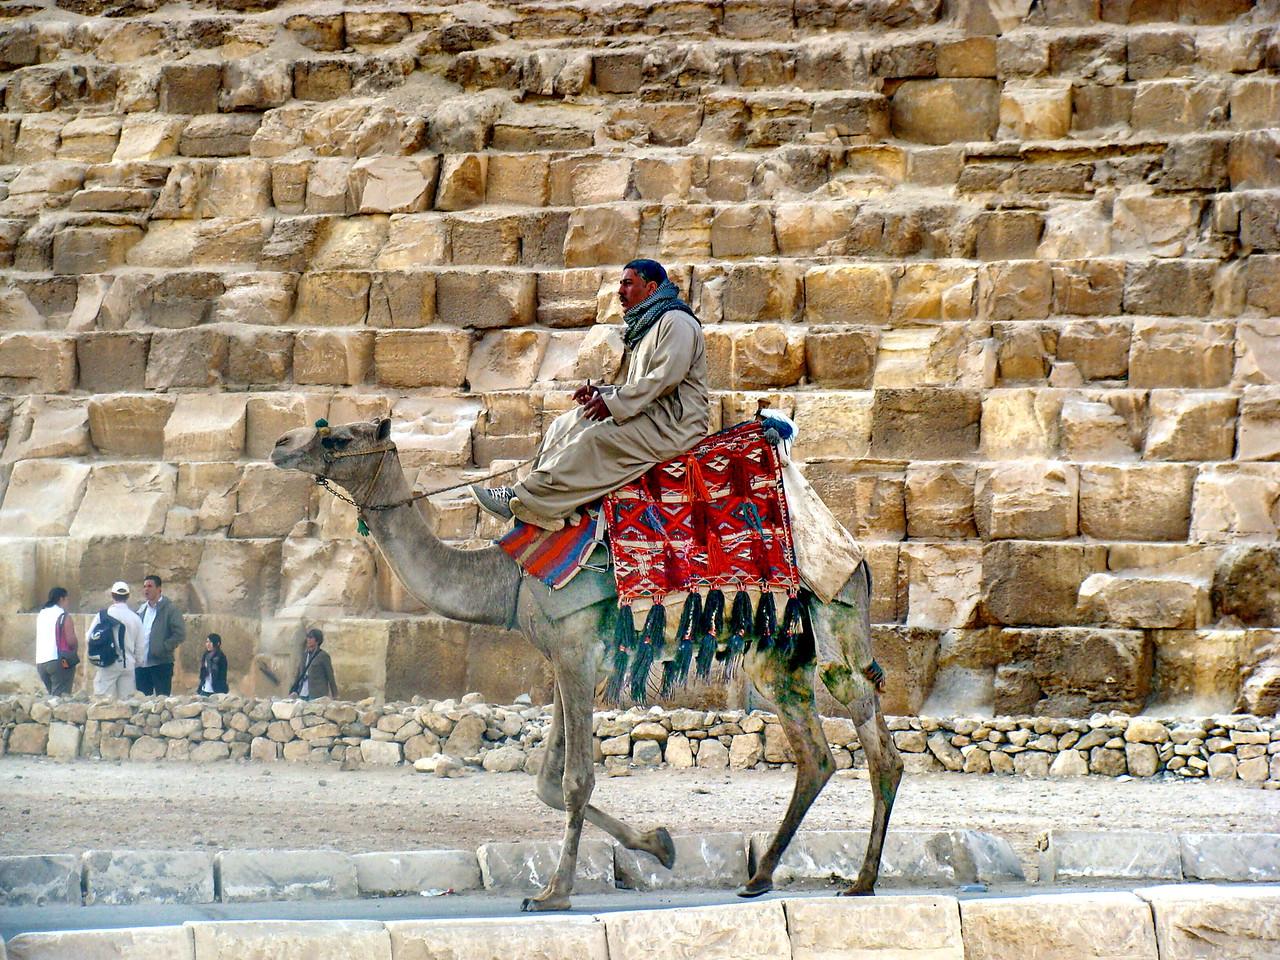 Camel at the Pyramids